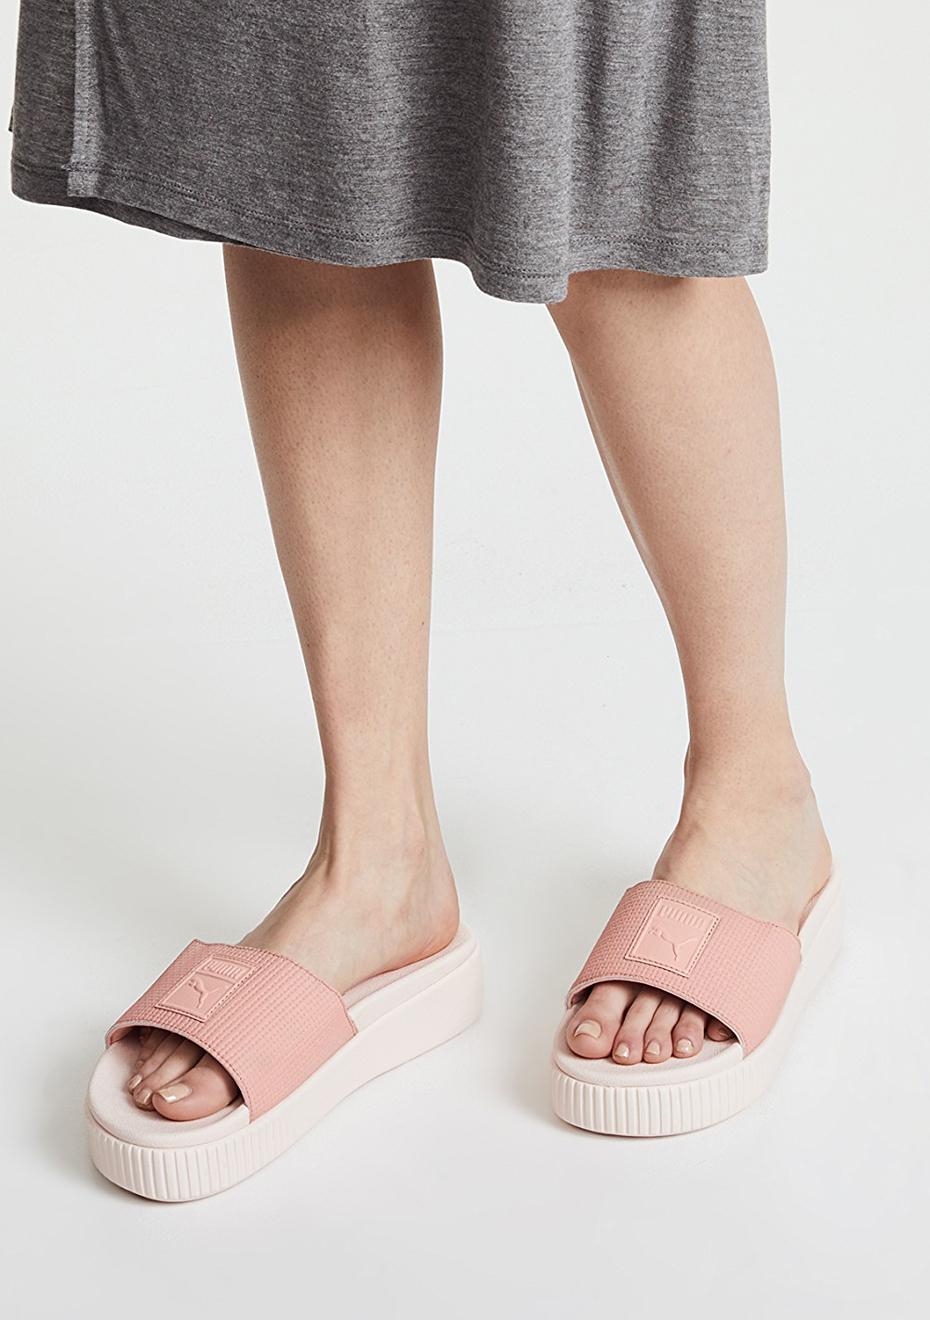 Puma Womens - Platform Slide Ep - Peach